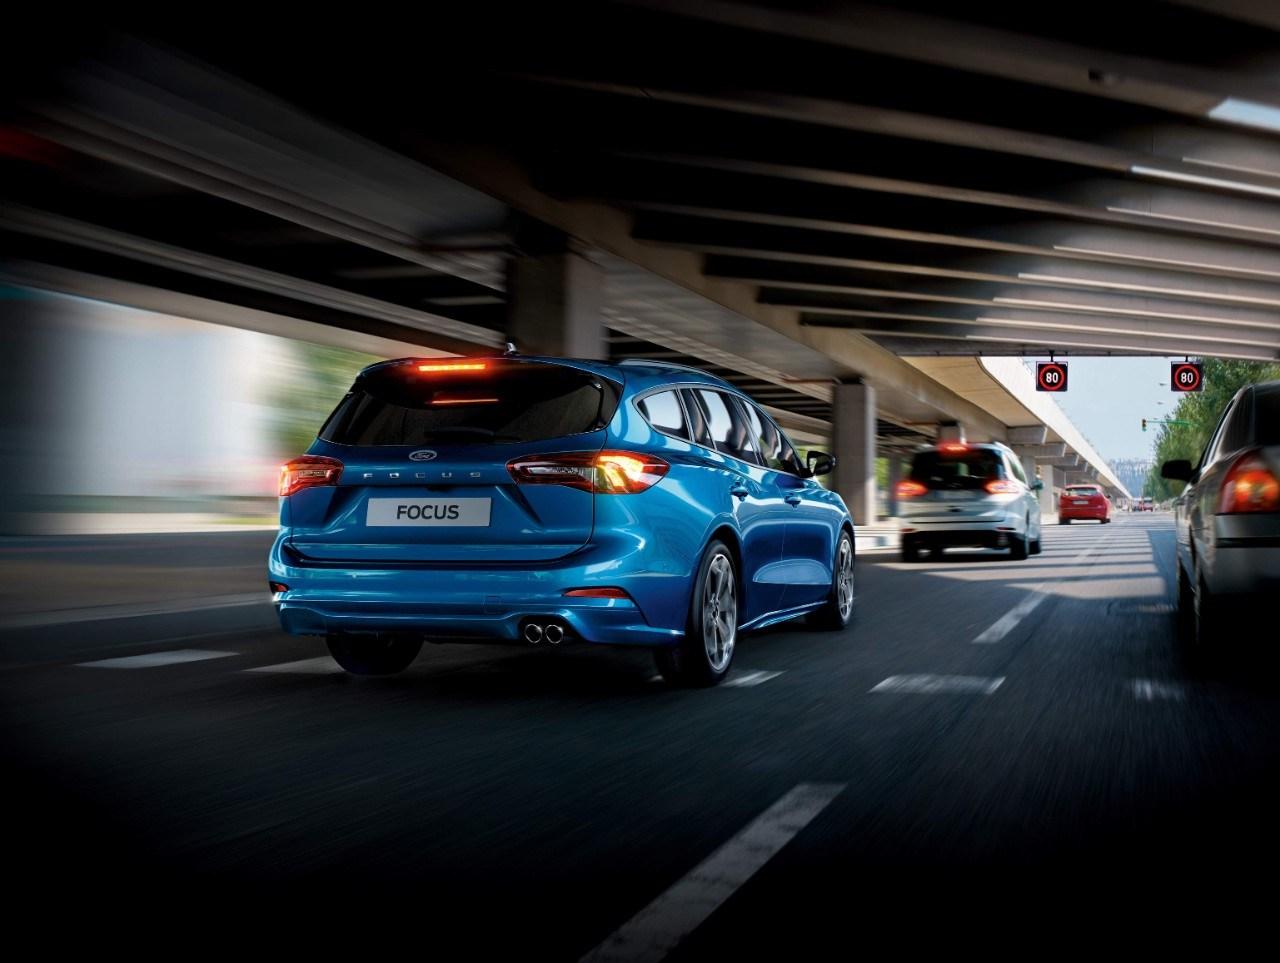 Το νέο Ford Focus επιδοκιμάστηκε απο το Euro NCAP  για τις Προηγμένες Τεχνολογίες